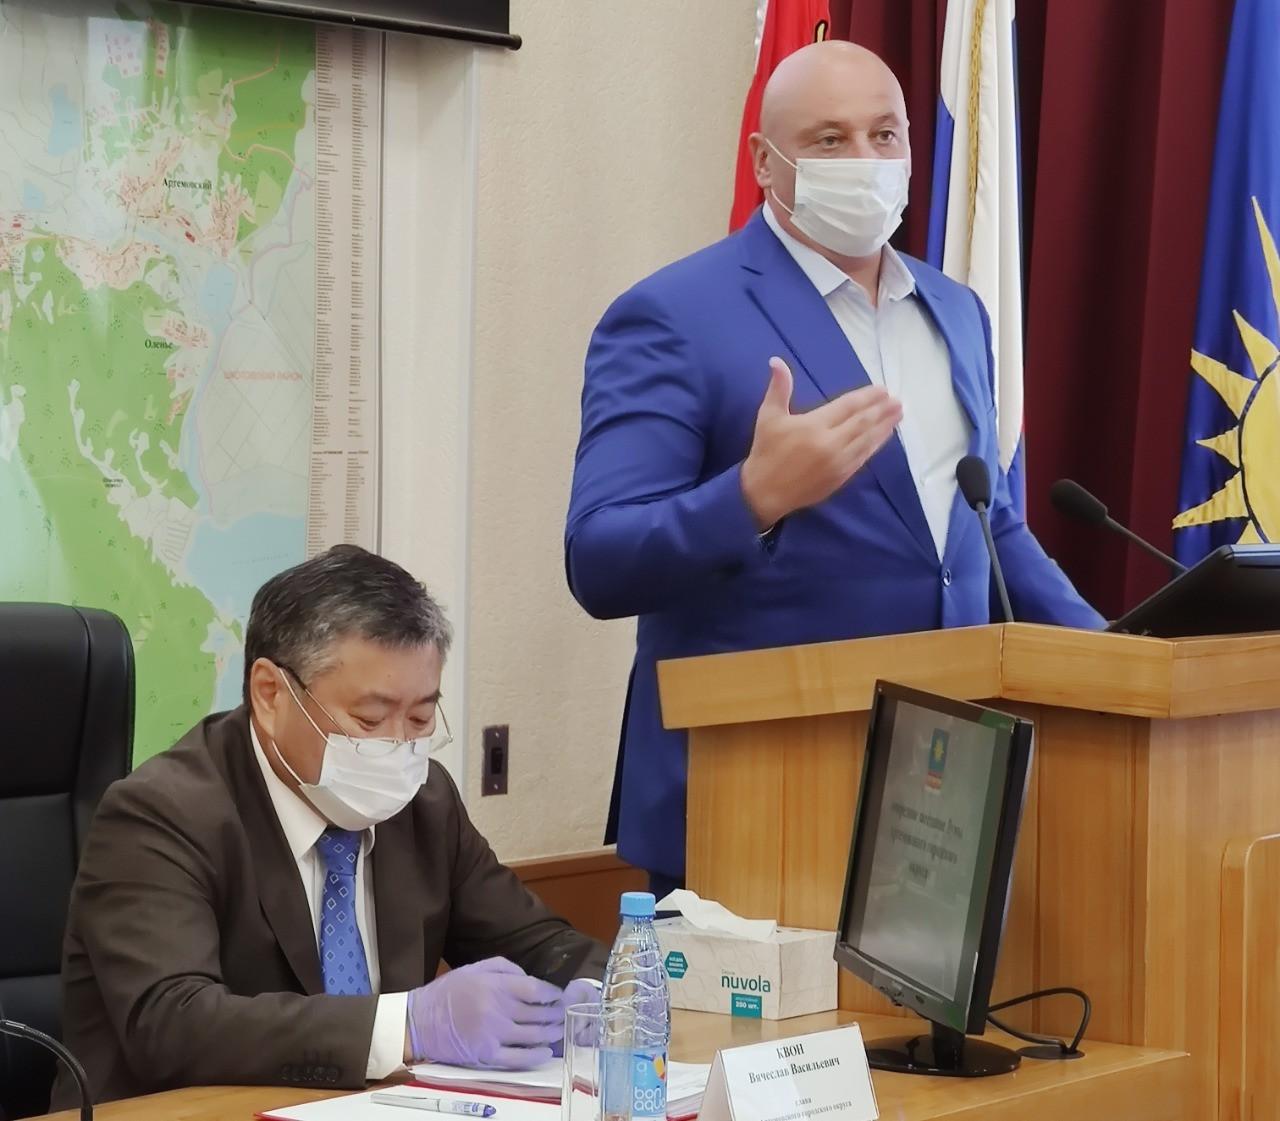 Игорь Чемерис: Несмотря на сложности, все выплаты производятся в срок